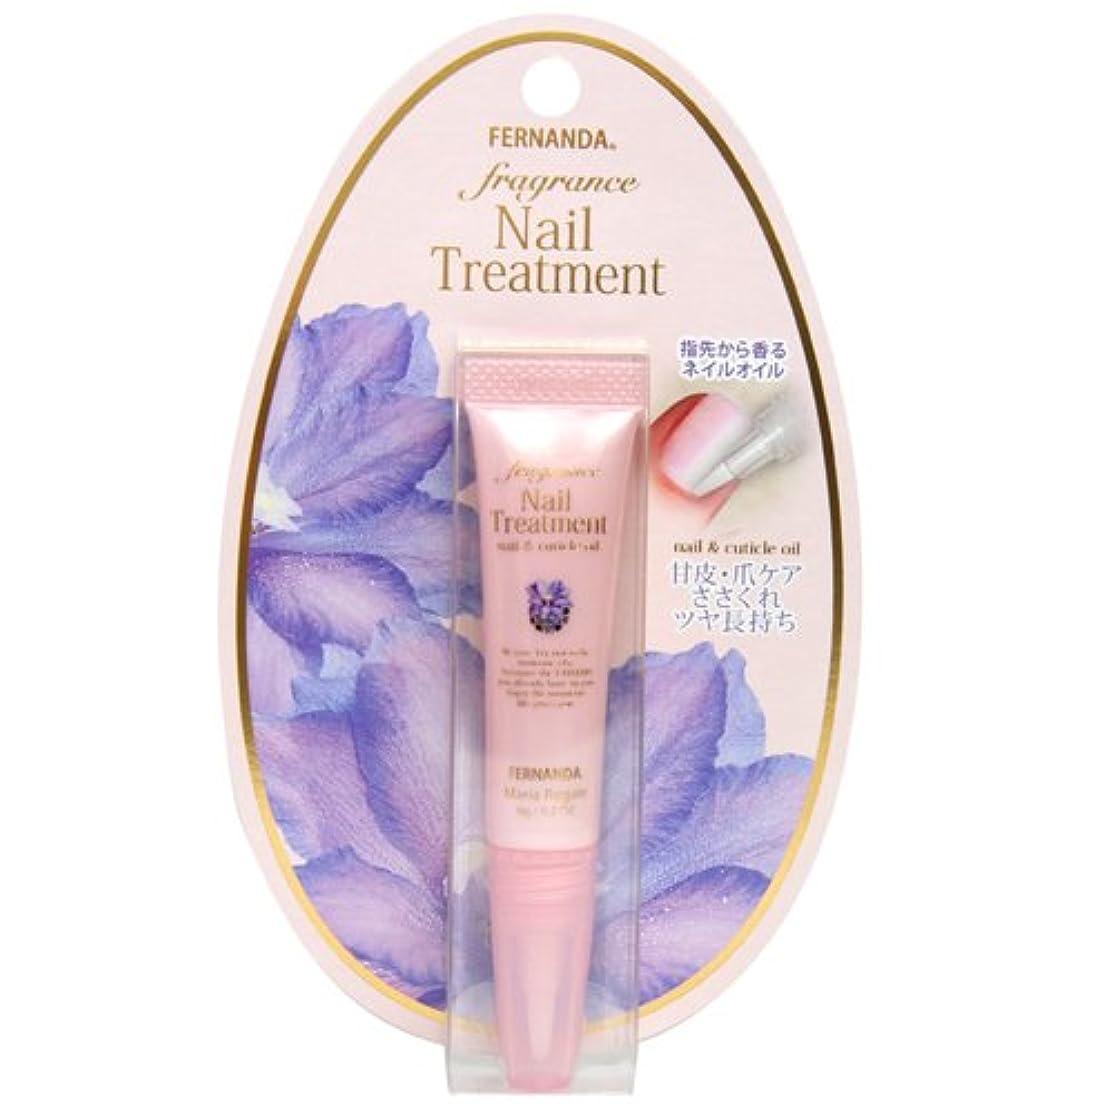 鋼オーガニック言うまでもなくFERNANDA(フェルナンダ) Nail Treatment Maria Regale (ネイルトリートメント マリアリゲル)